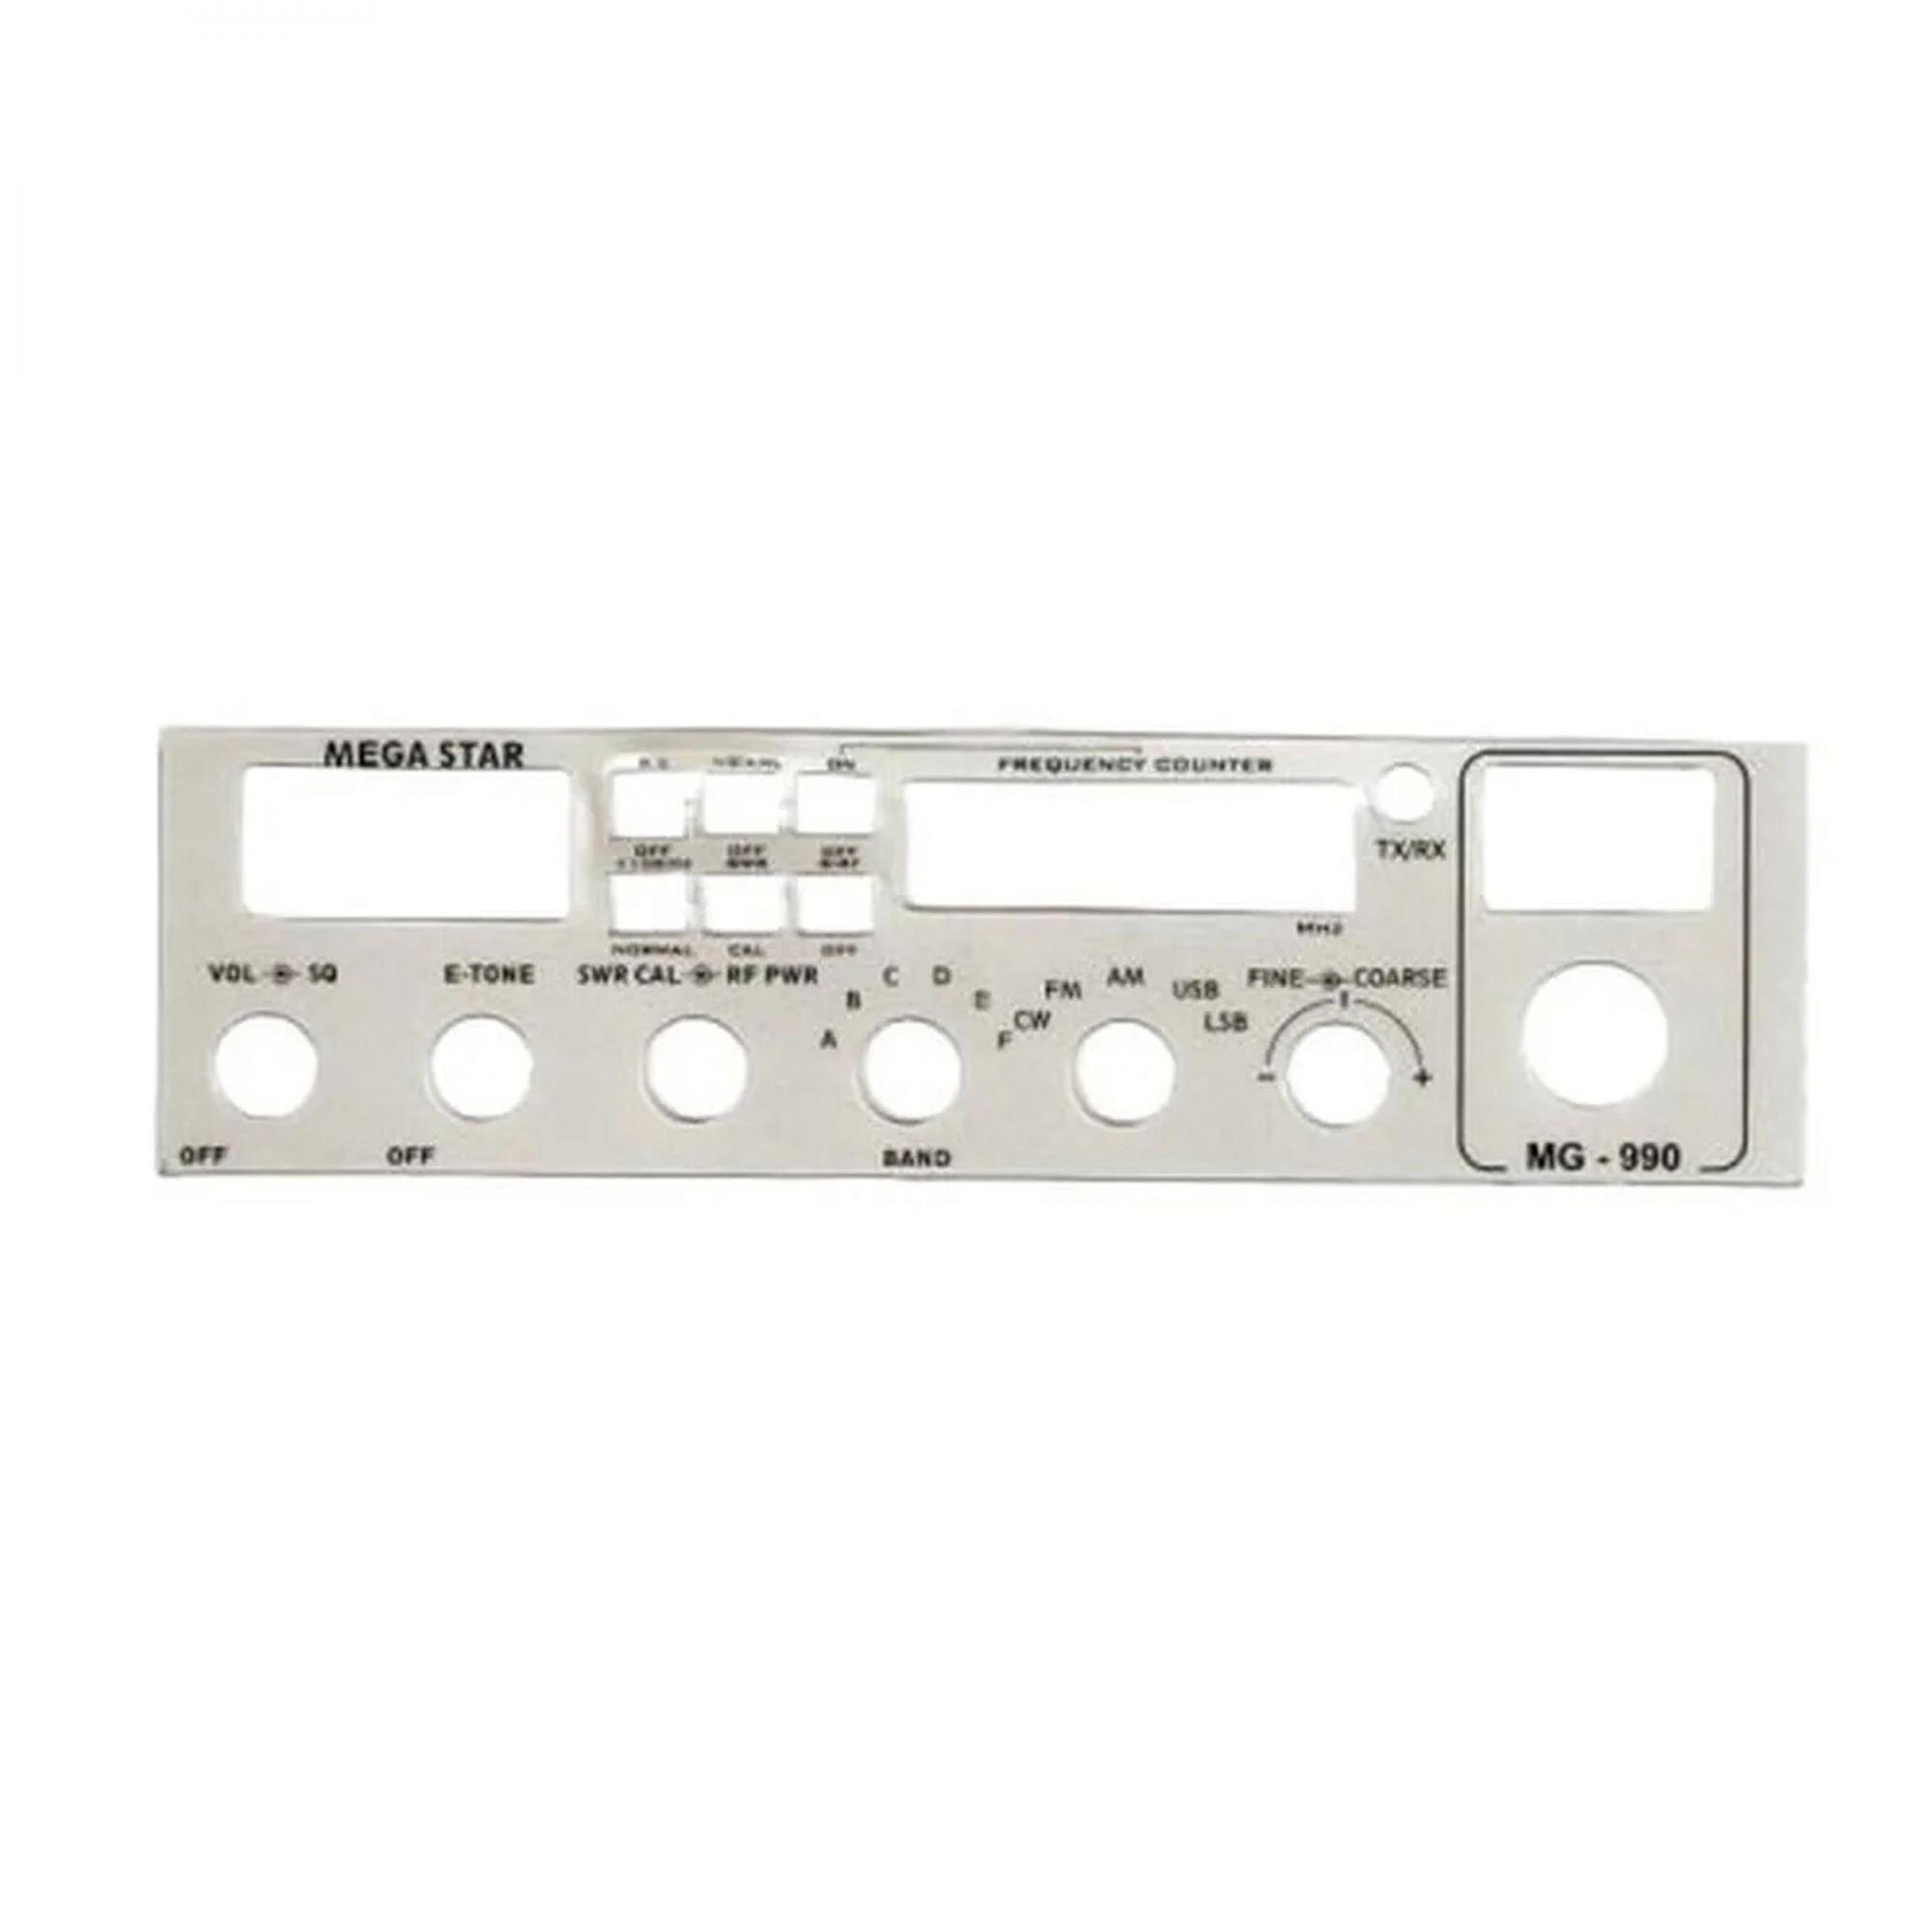 Frente Rádio PX MG 990 Steelbras - AP3084